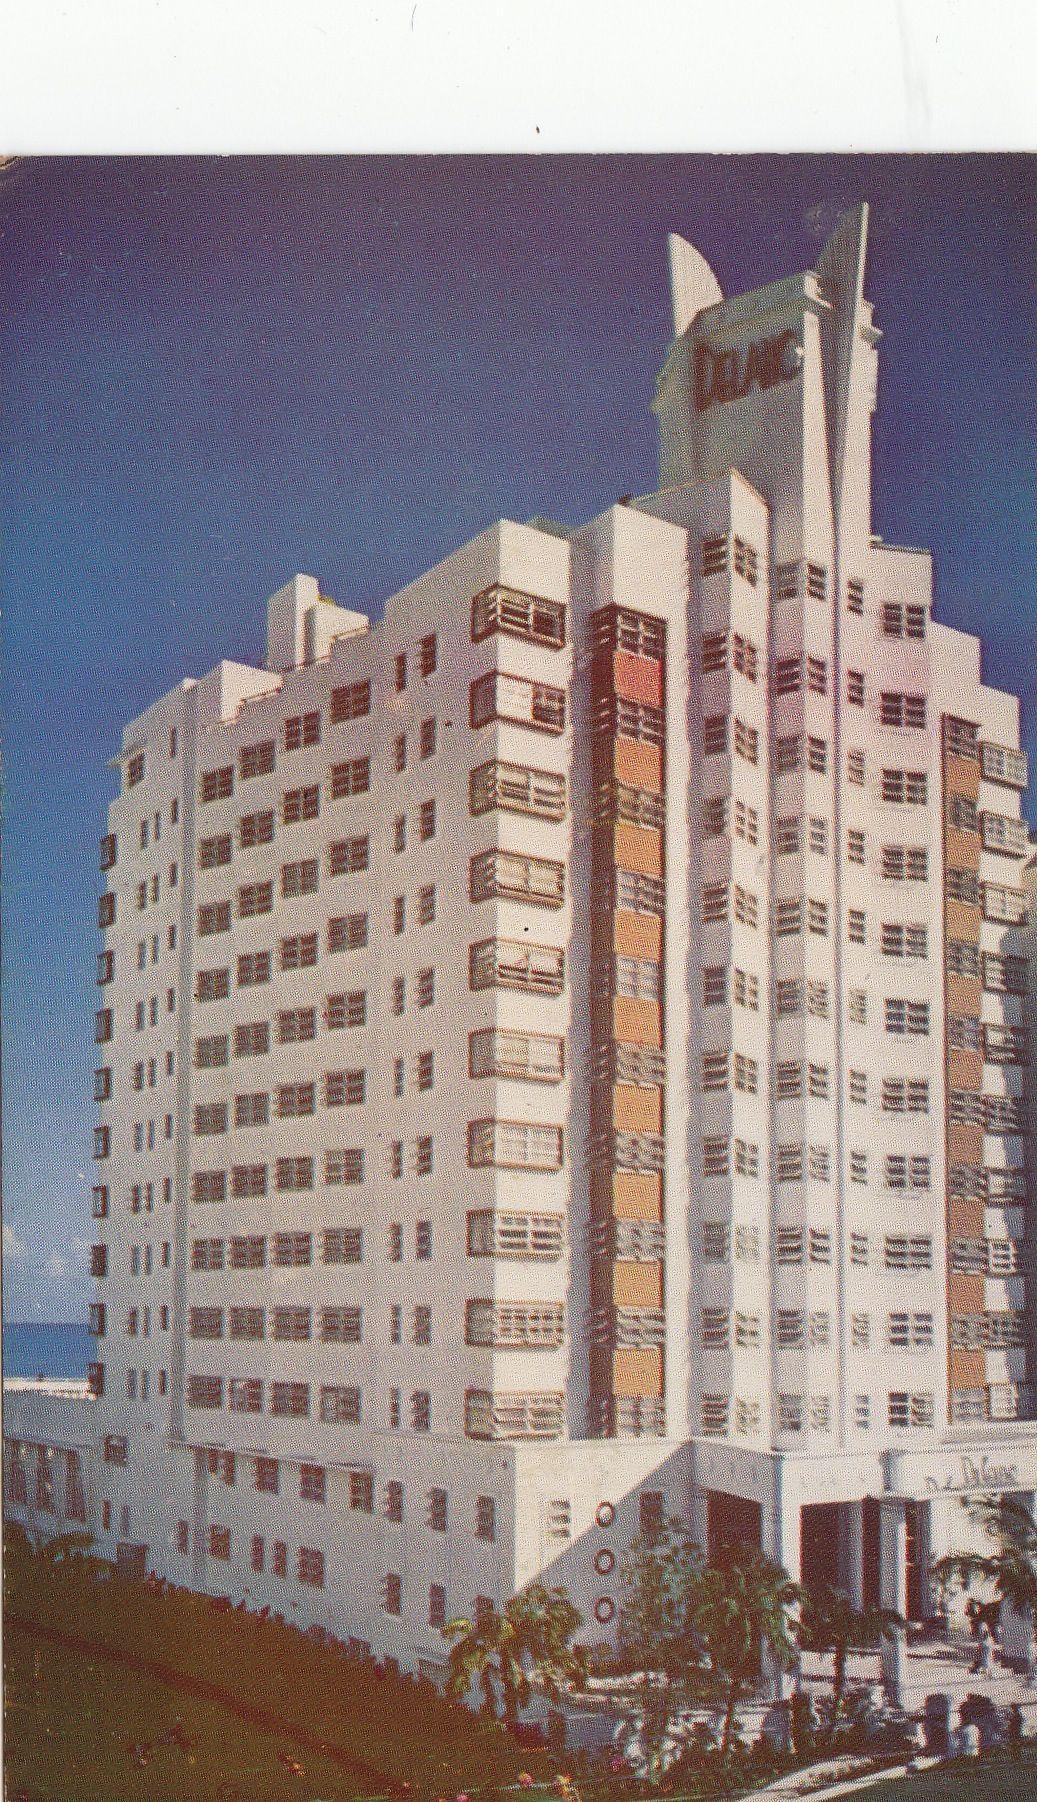 Delano hotel miami beach fl in 2019 miami beach hotels for Delano hotel decor